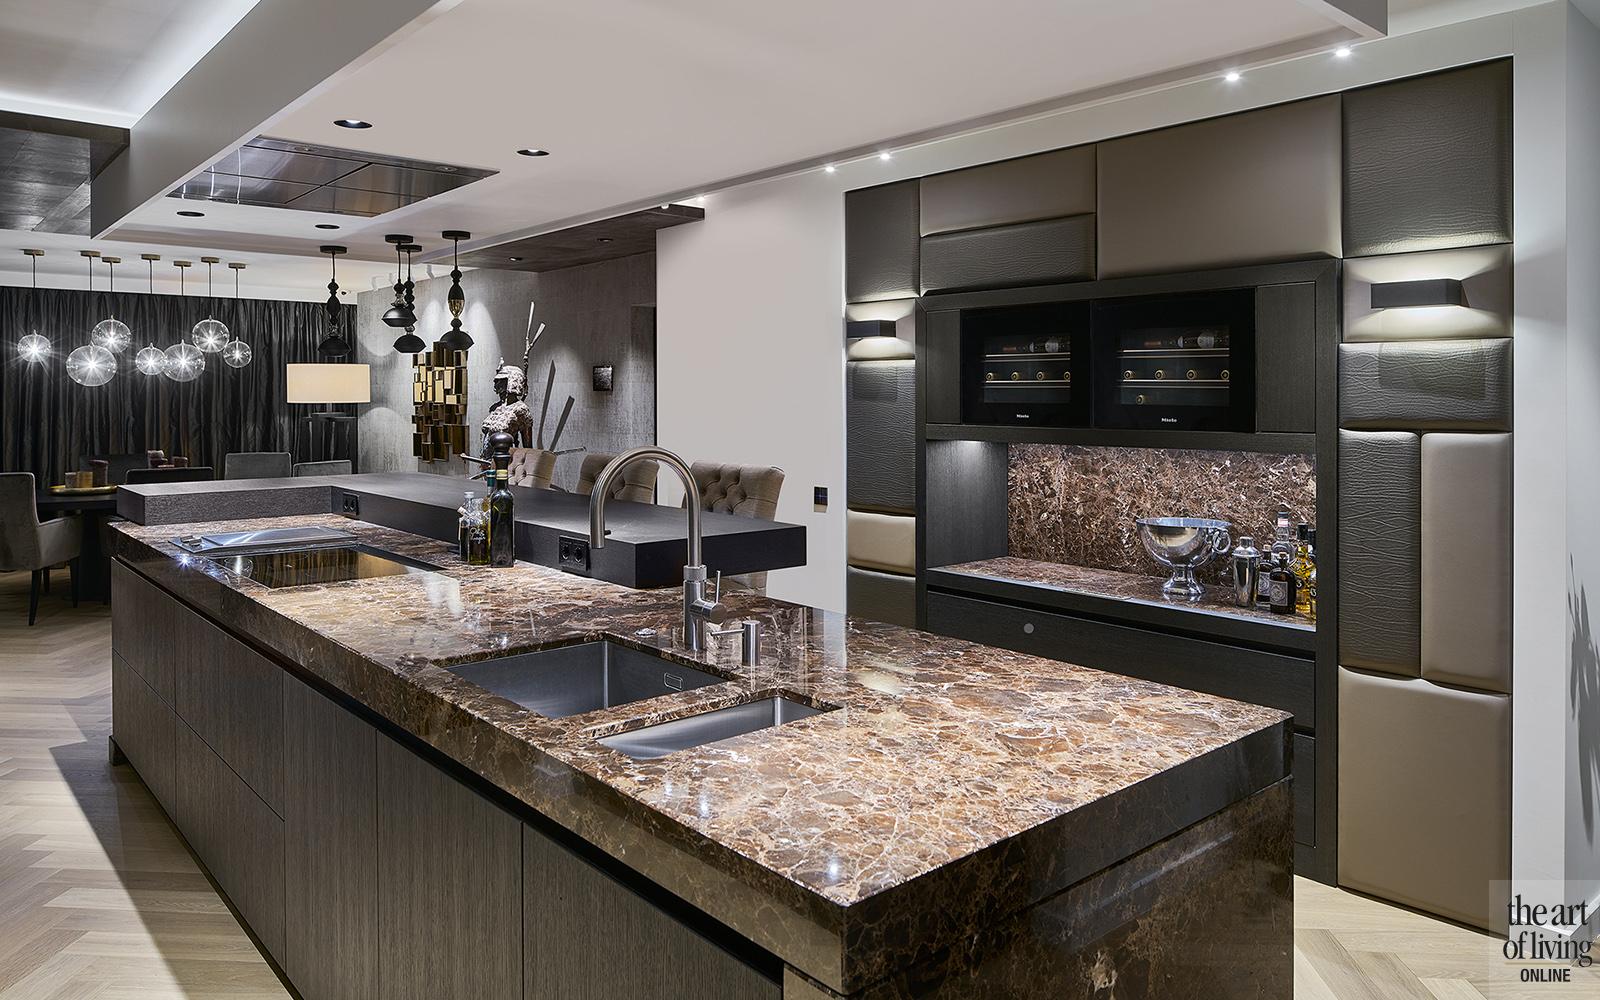 Unieke keukens huis van strijdhoven the art of living nl